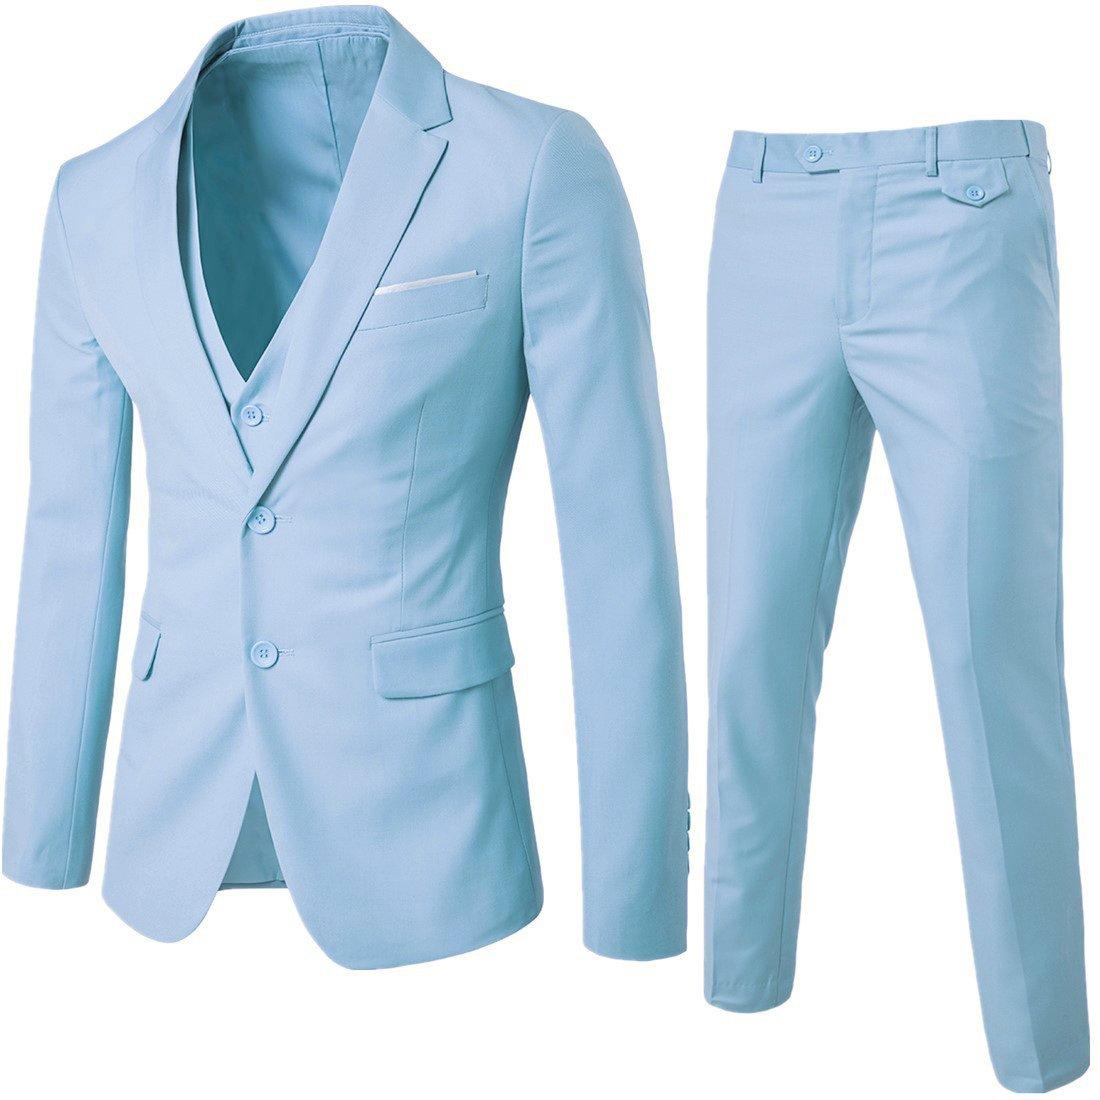 YIMANIE Men's Suit Slim Fit 2 Button 3 Piece Suits Jacket Vest & Trousers XZ-XC05